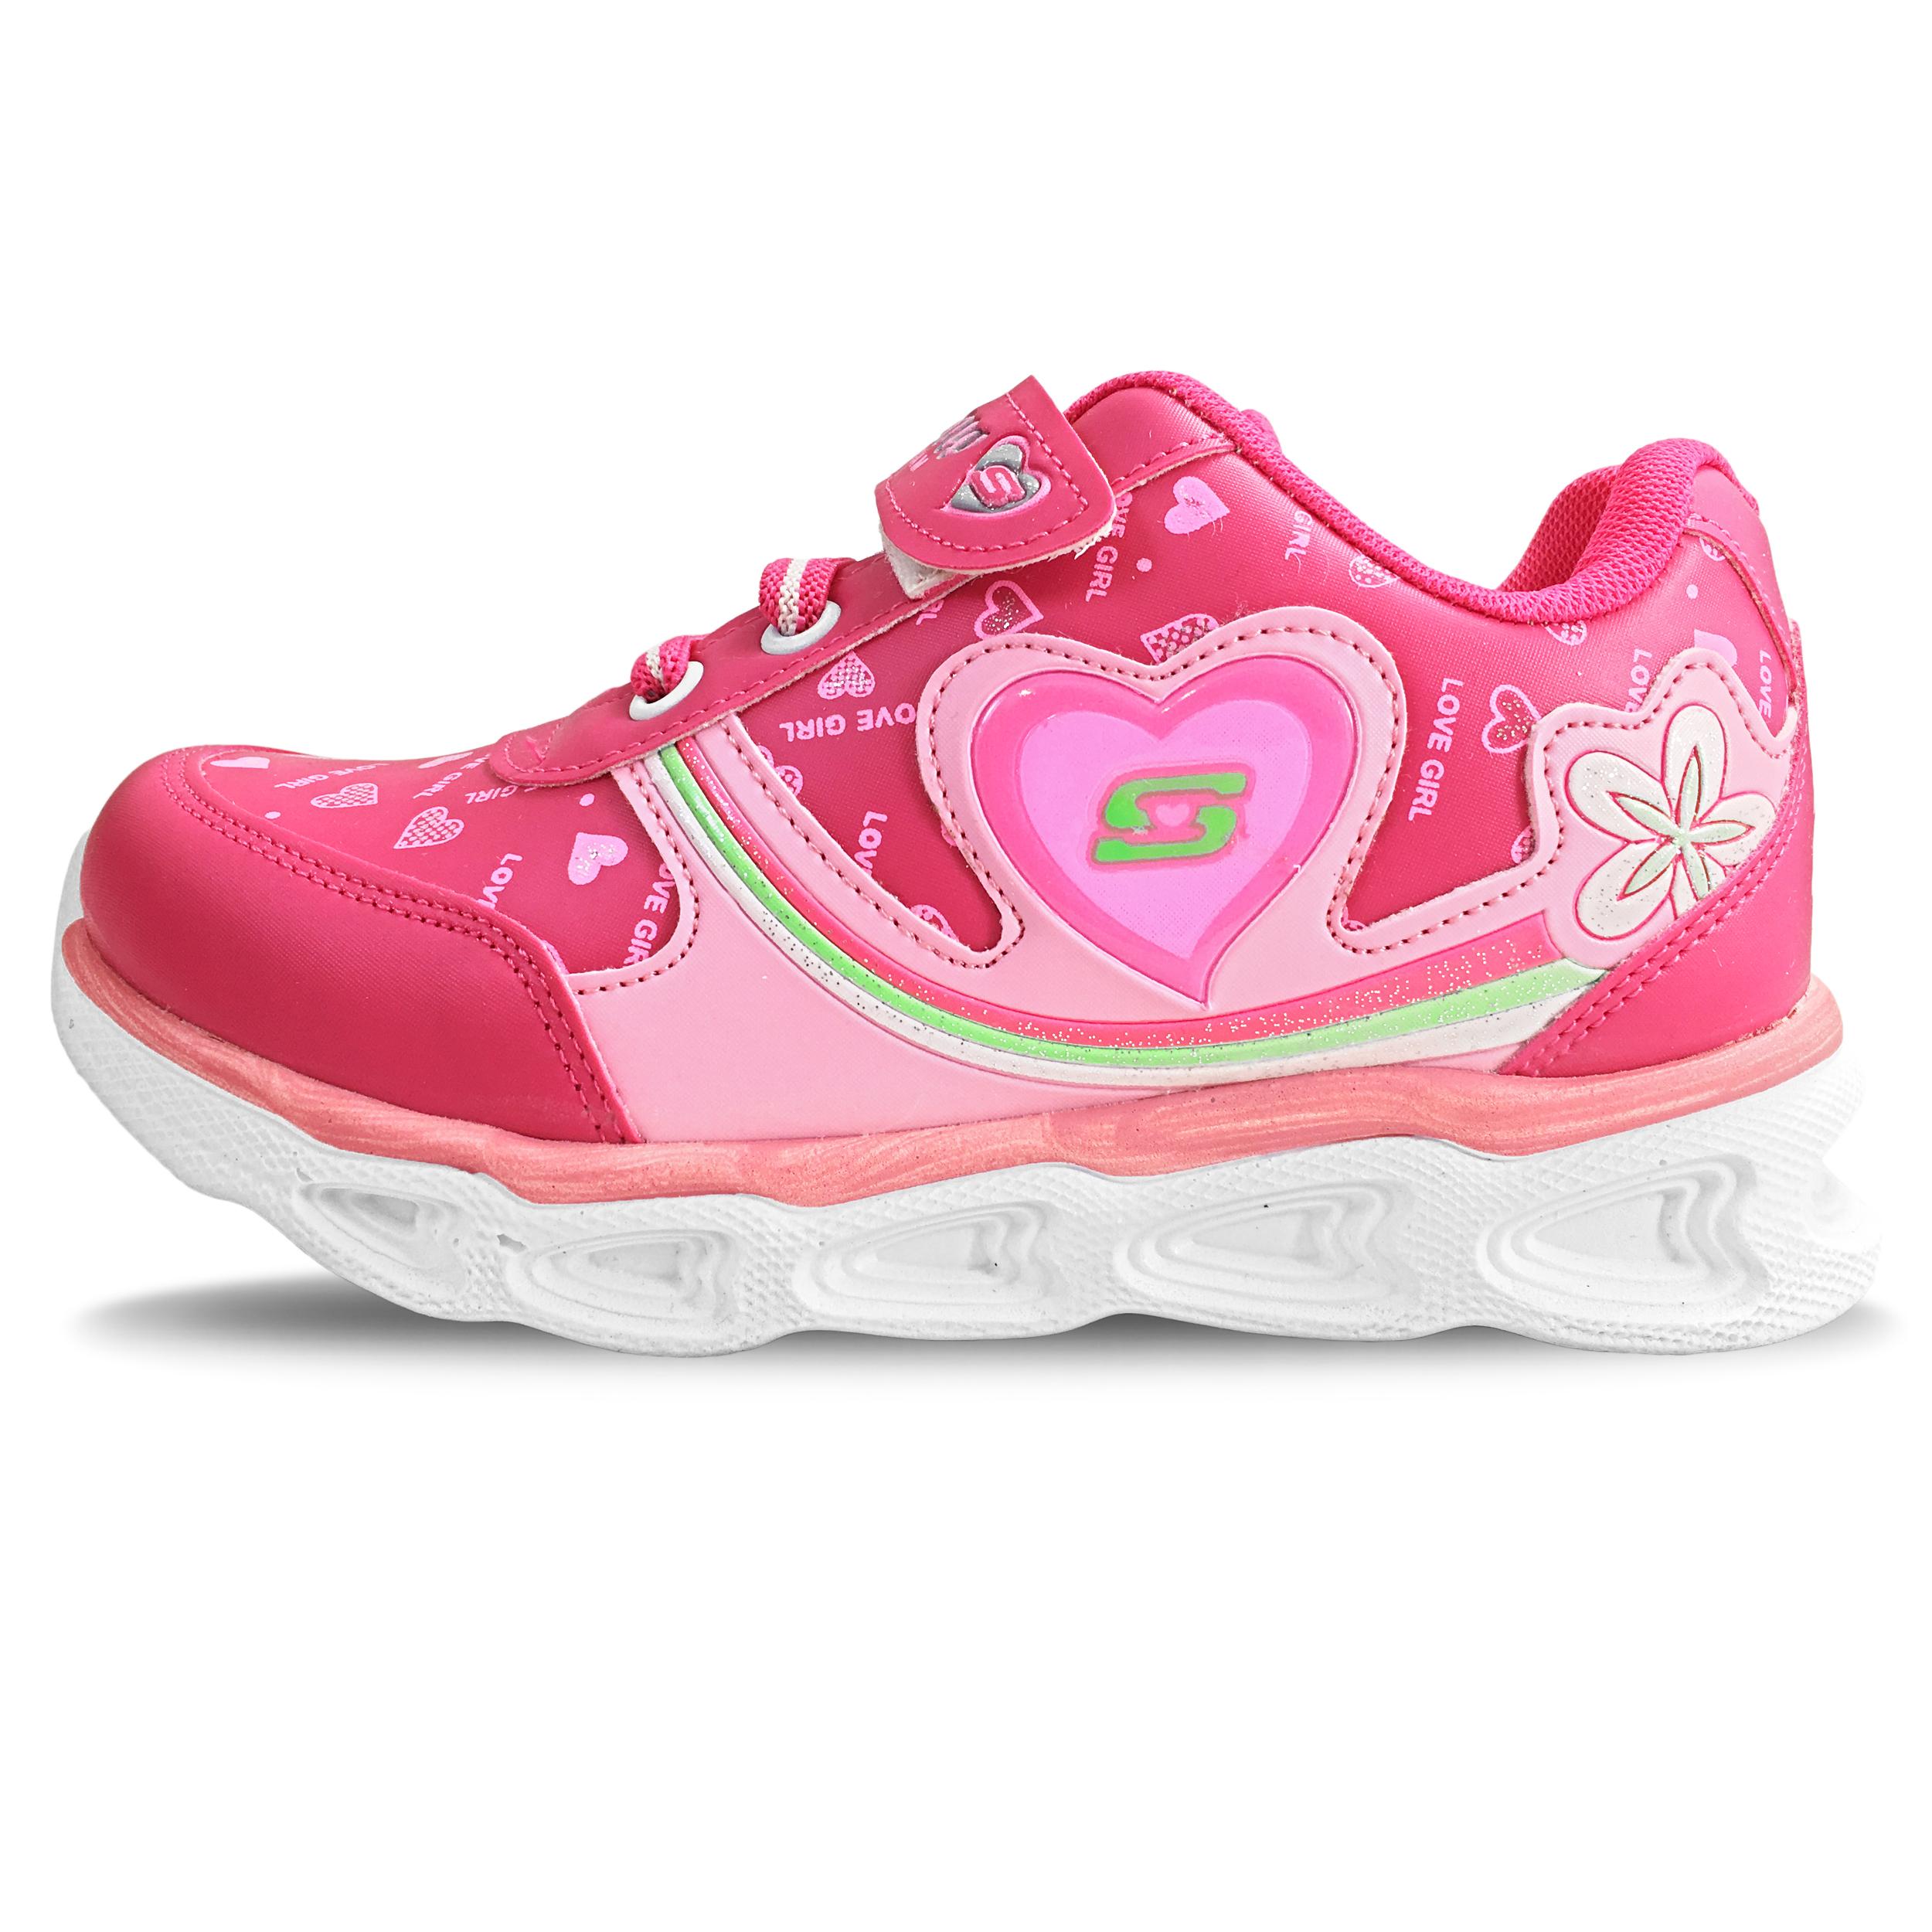 کفش مخصوص پیاده روی بچگانه مدل رنگین کمان کد B5045